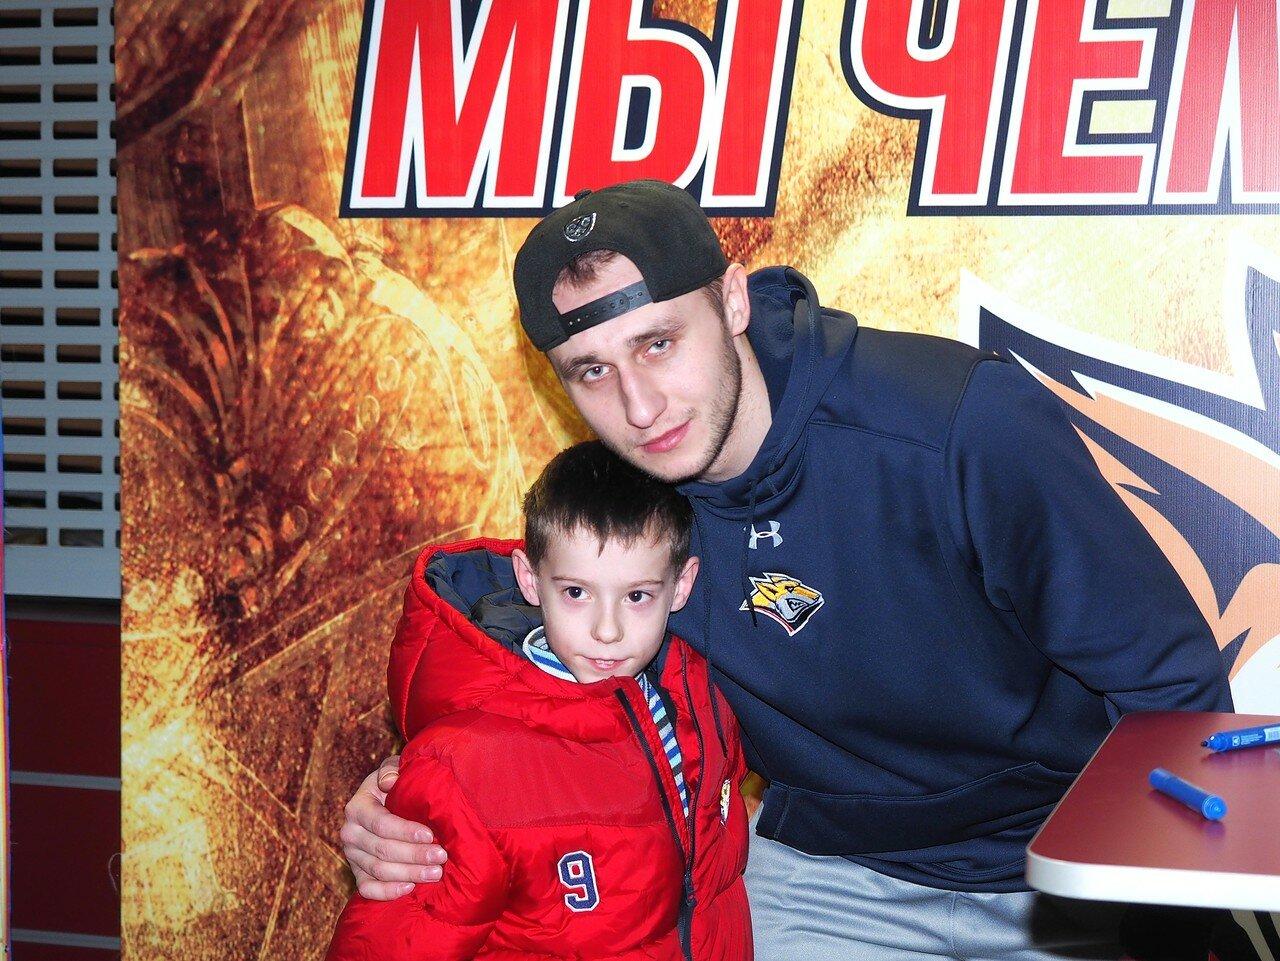 109Металлург - Динамо Москва 21.11.2016